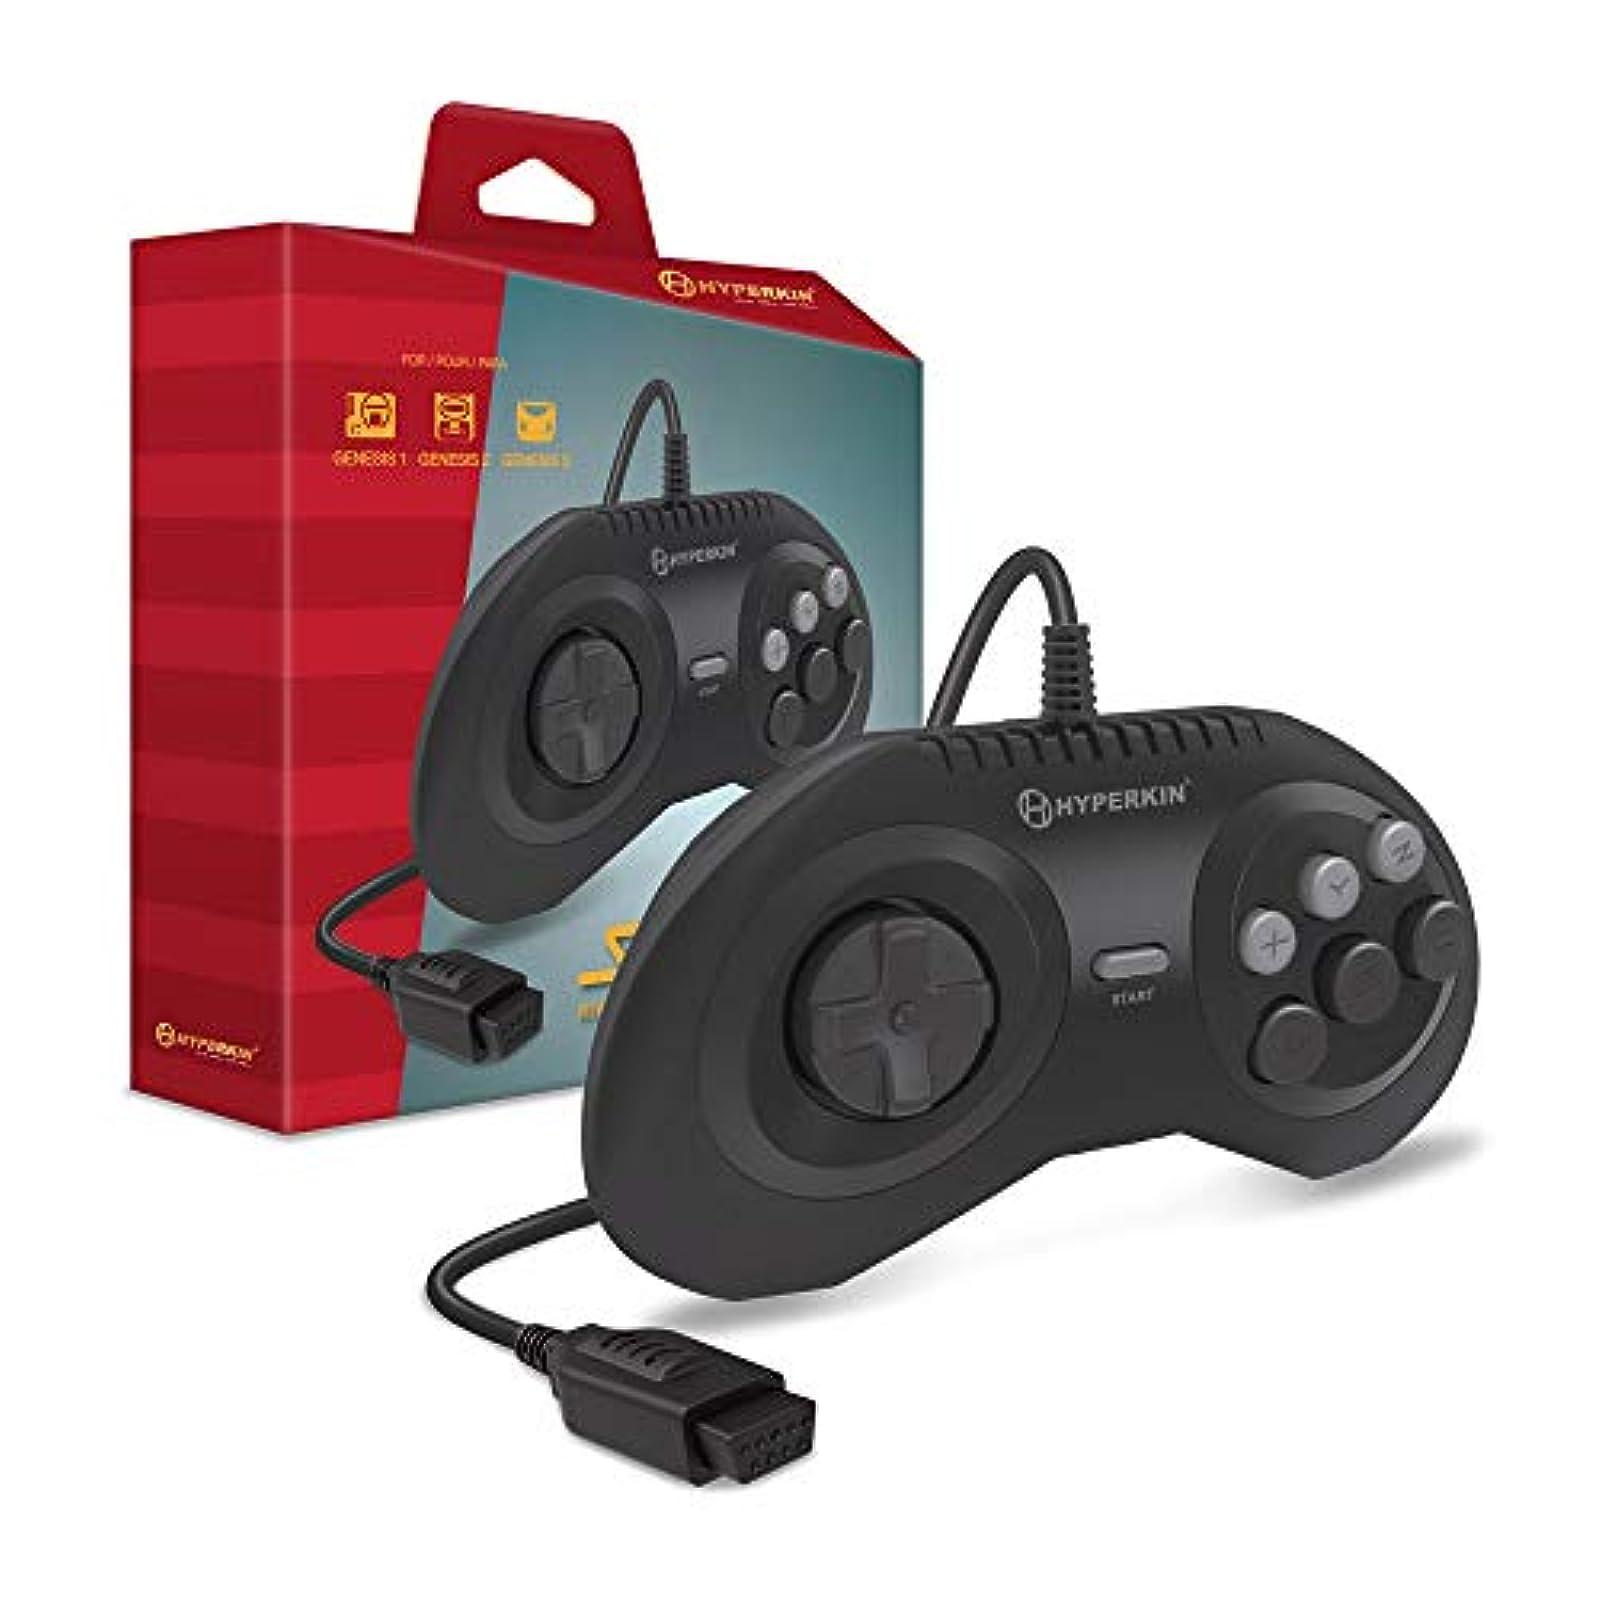 Hyperkin Squire Premium Controller For Genesis/ Megaretron HD Consoles Sega 1 2